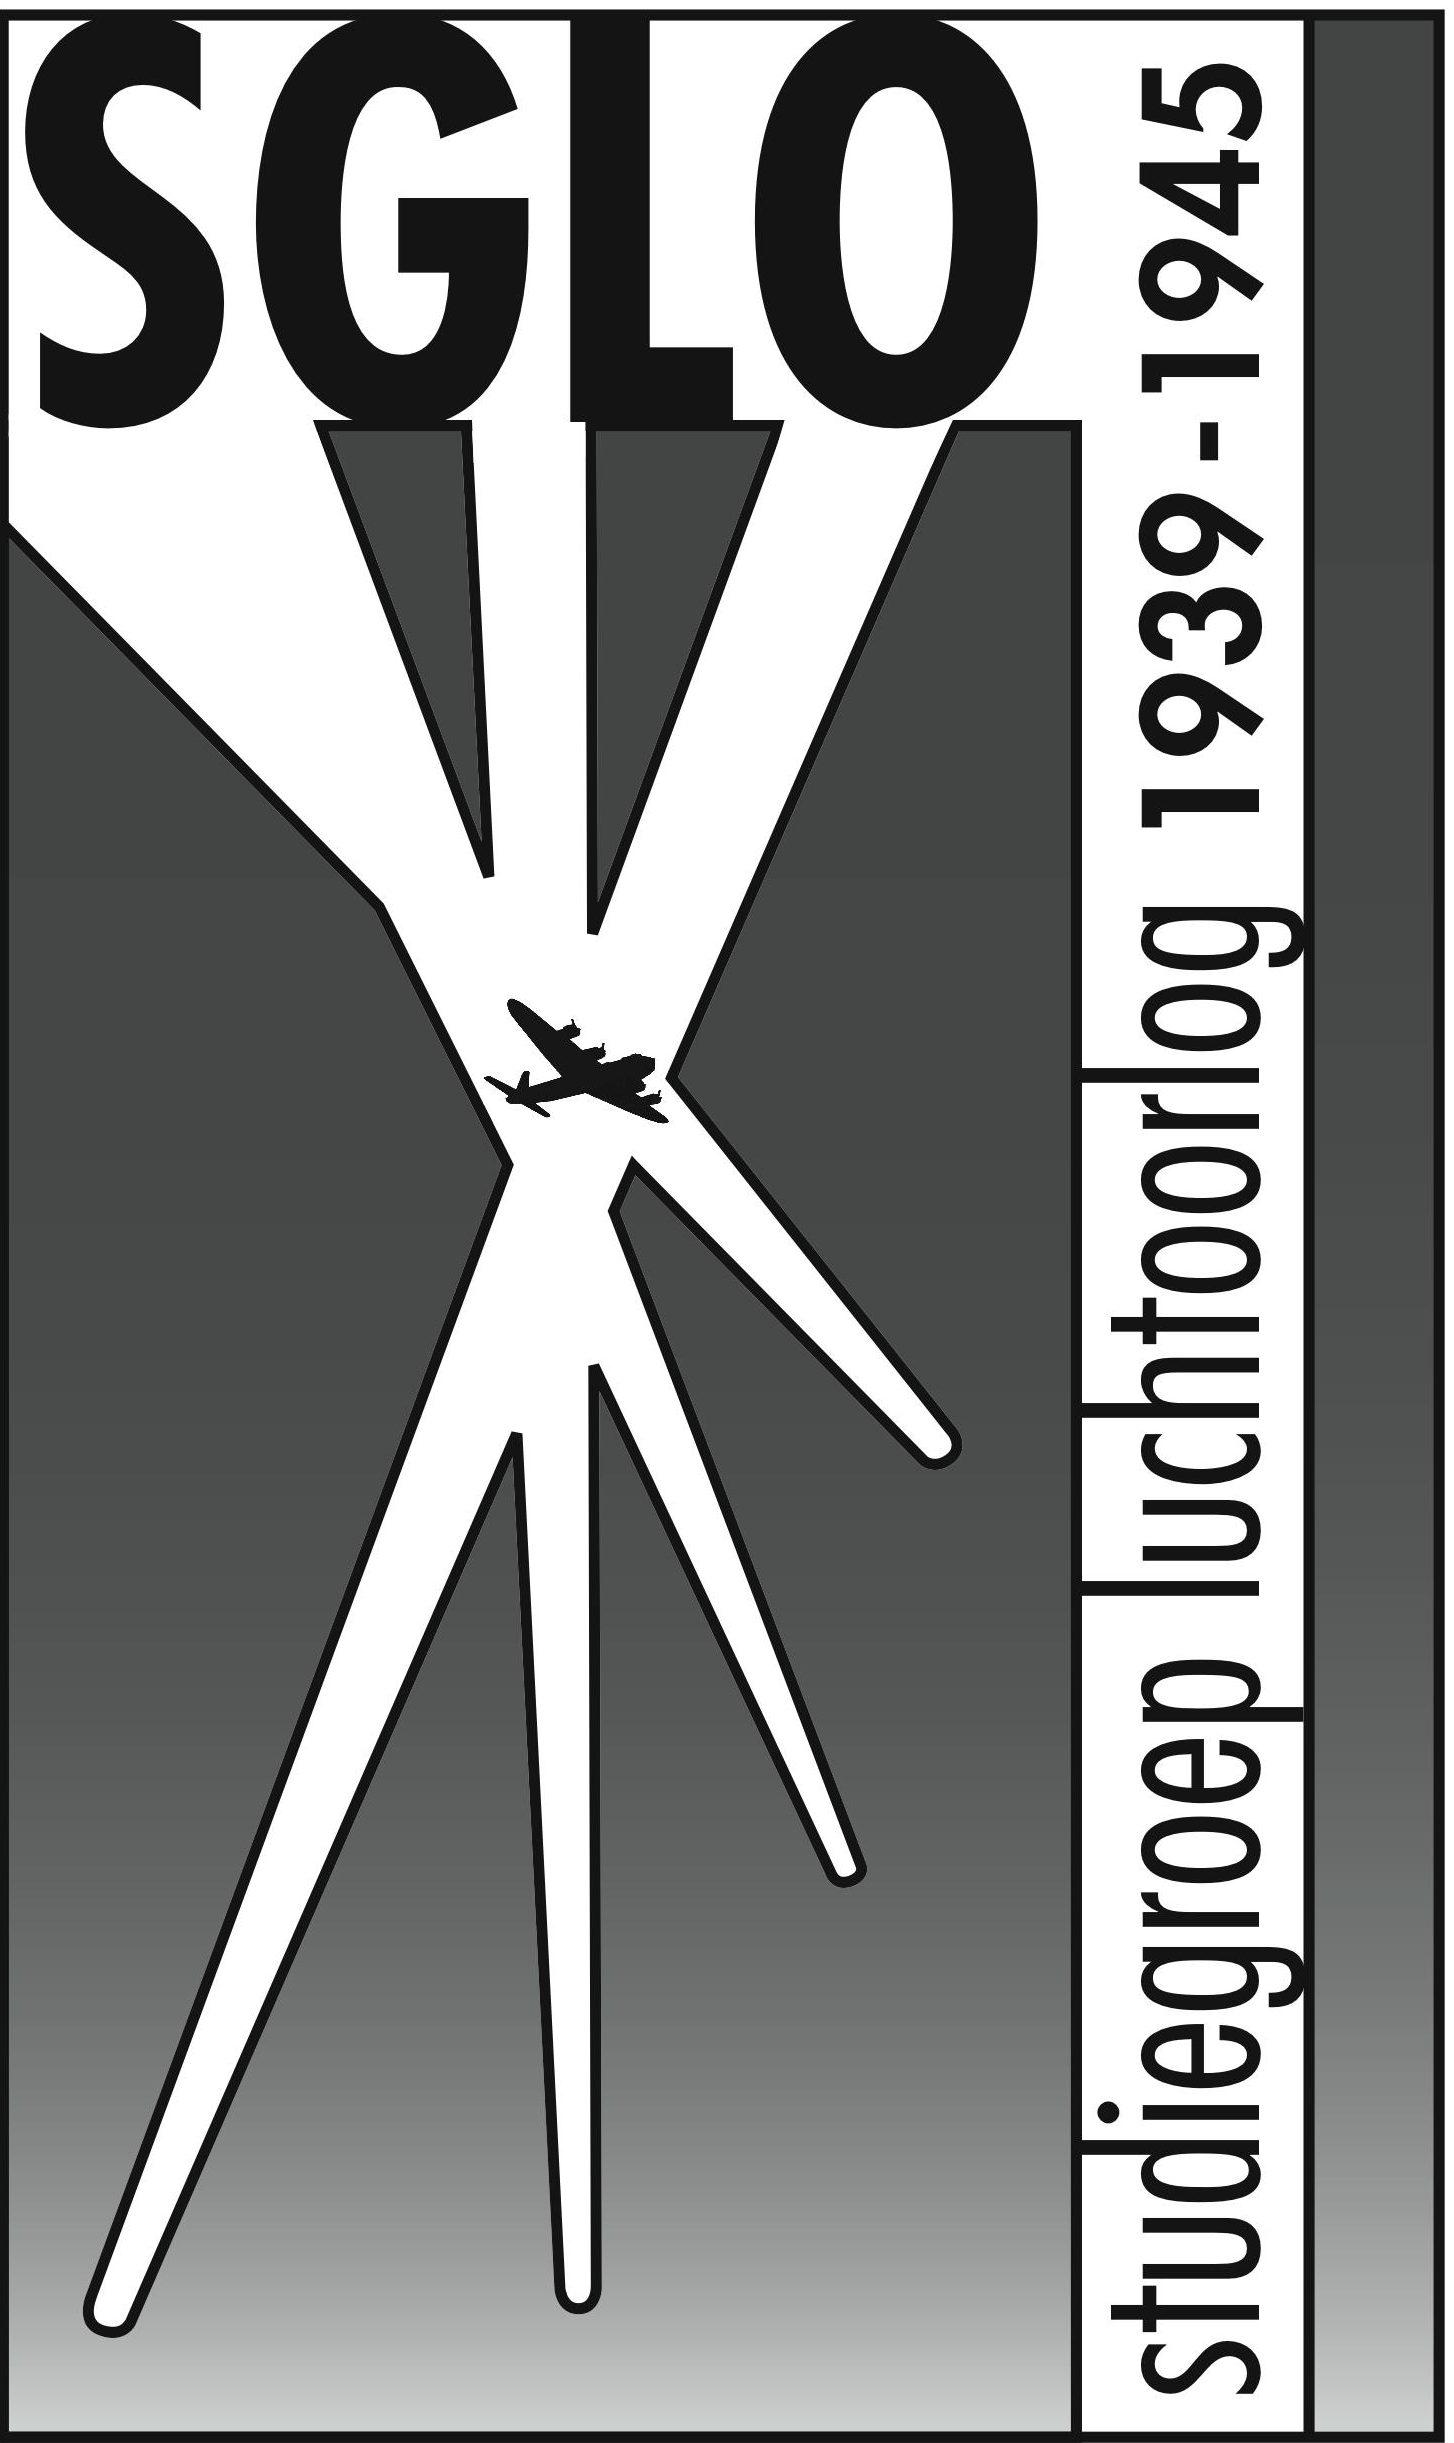 Studiegroep Luchtoorlog 1939-1945